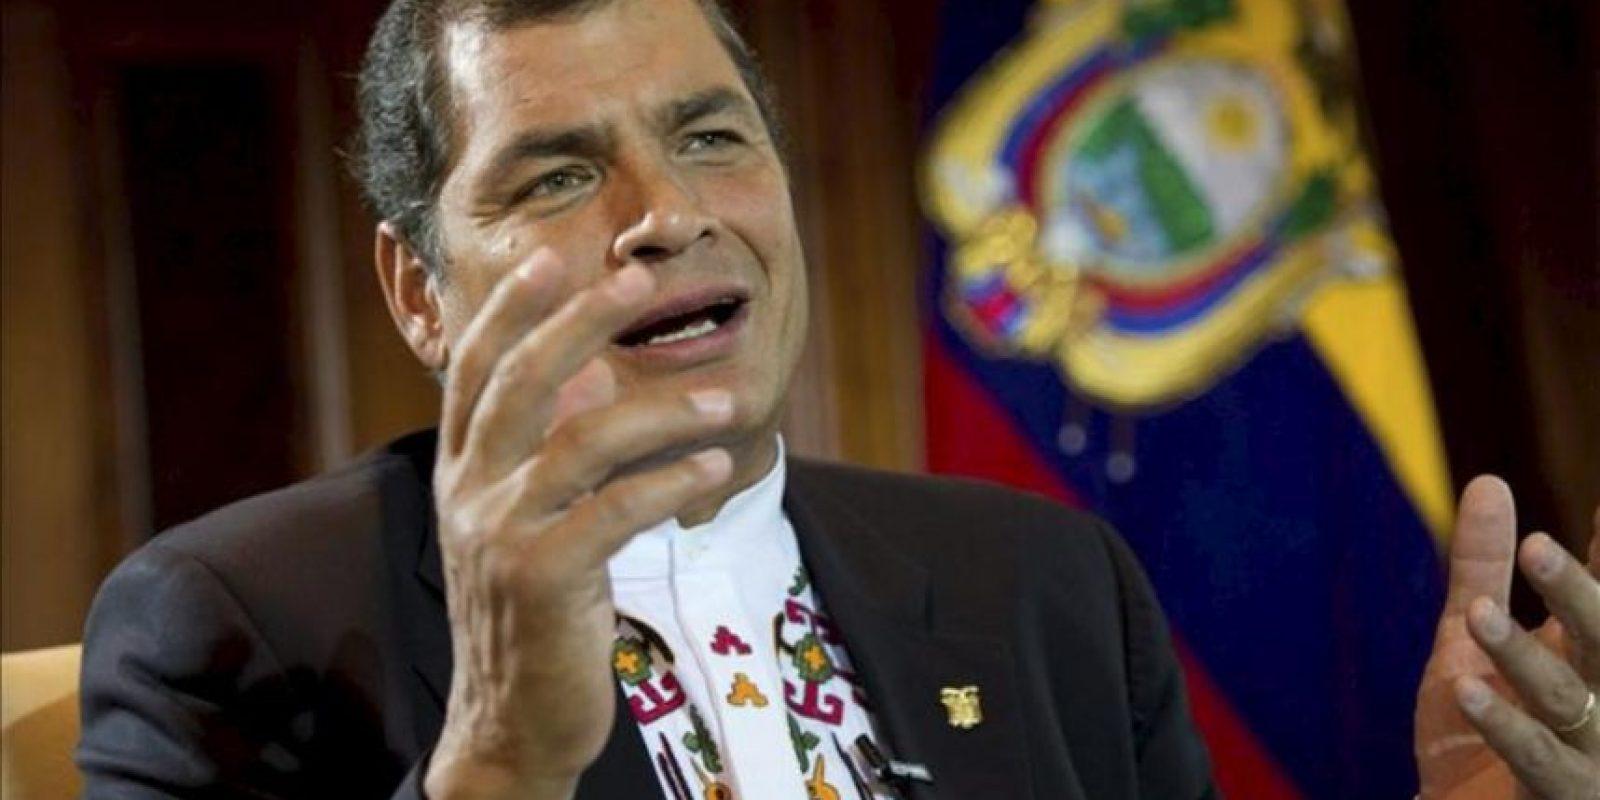 El presidente ecuatoriano, Rafael Correa. EFE/Archivo